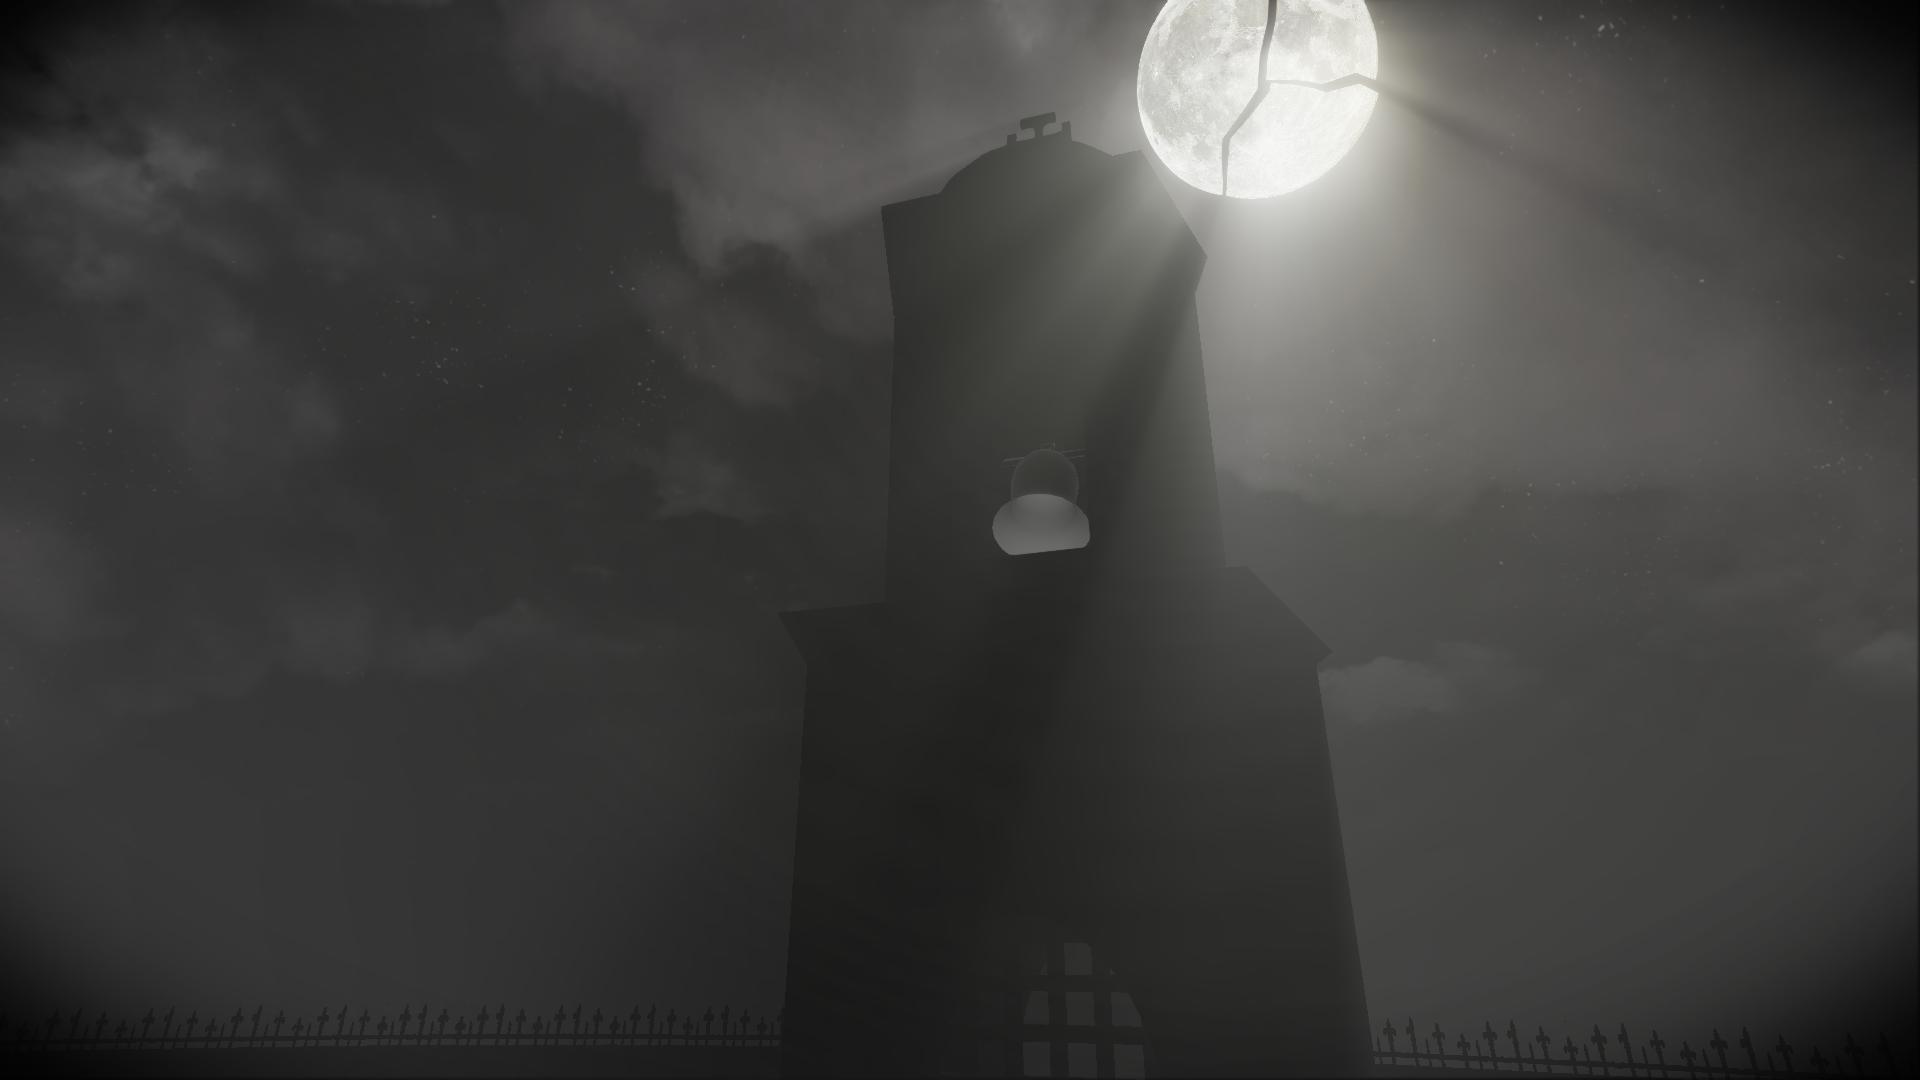 [r] Niko Through the Dream 4